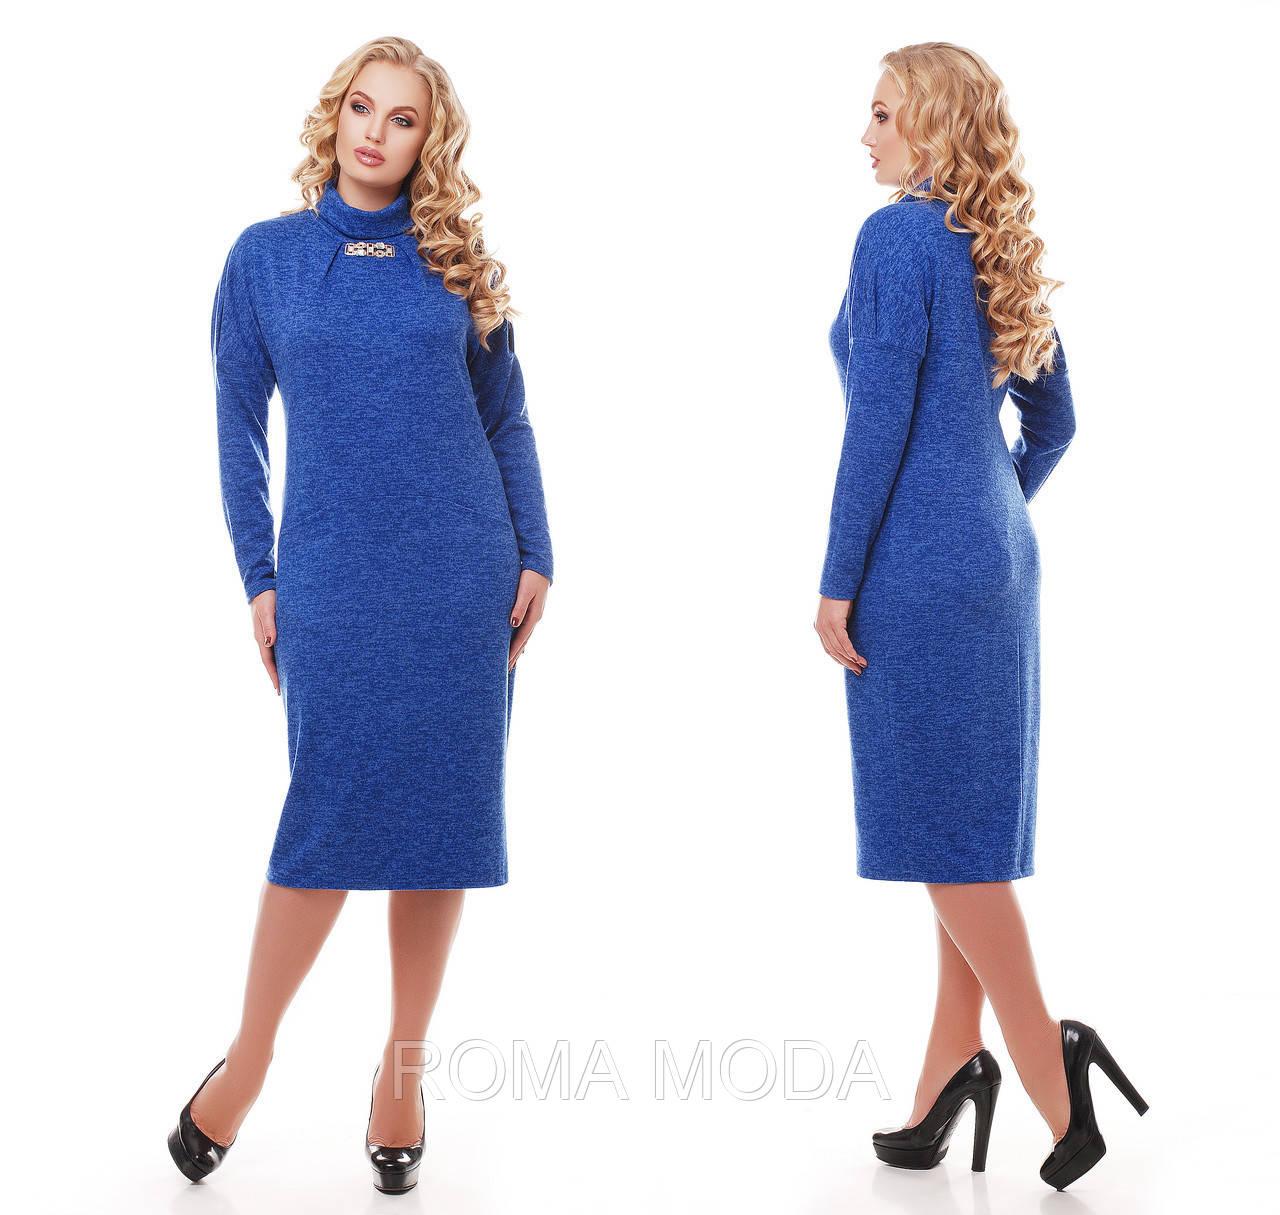 Повседневное платье женское Алиса электрик